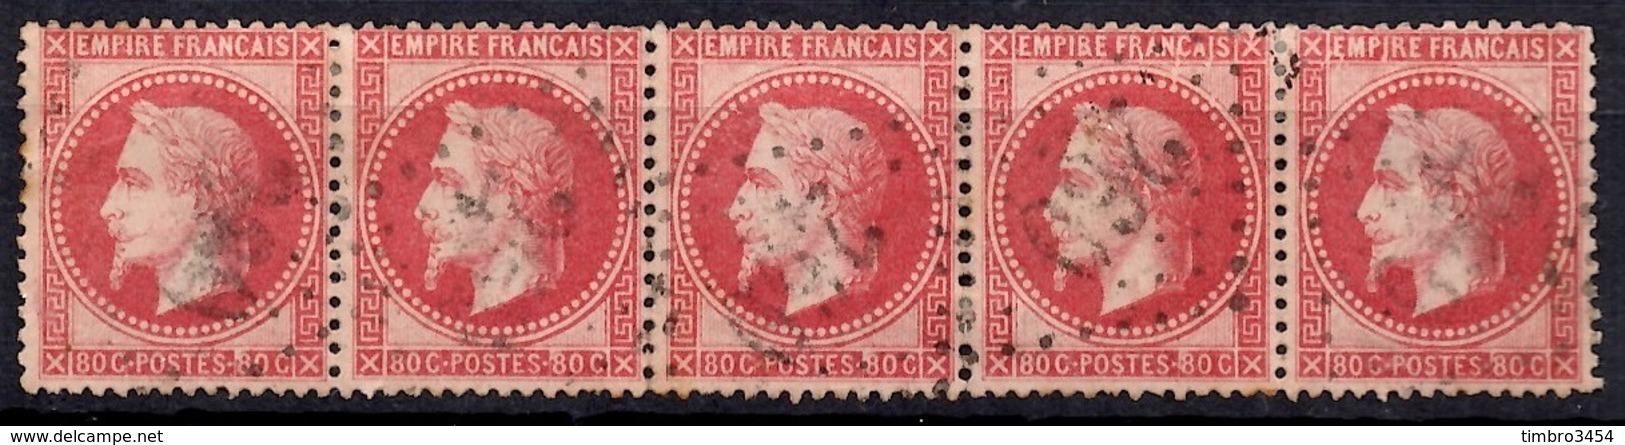 France YT N° 32 En Bande De Cinq Timbres Oblitérés. B/TB. A Saisir! - 1863-1870 Napoléon III Lauré